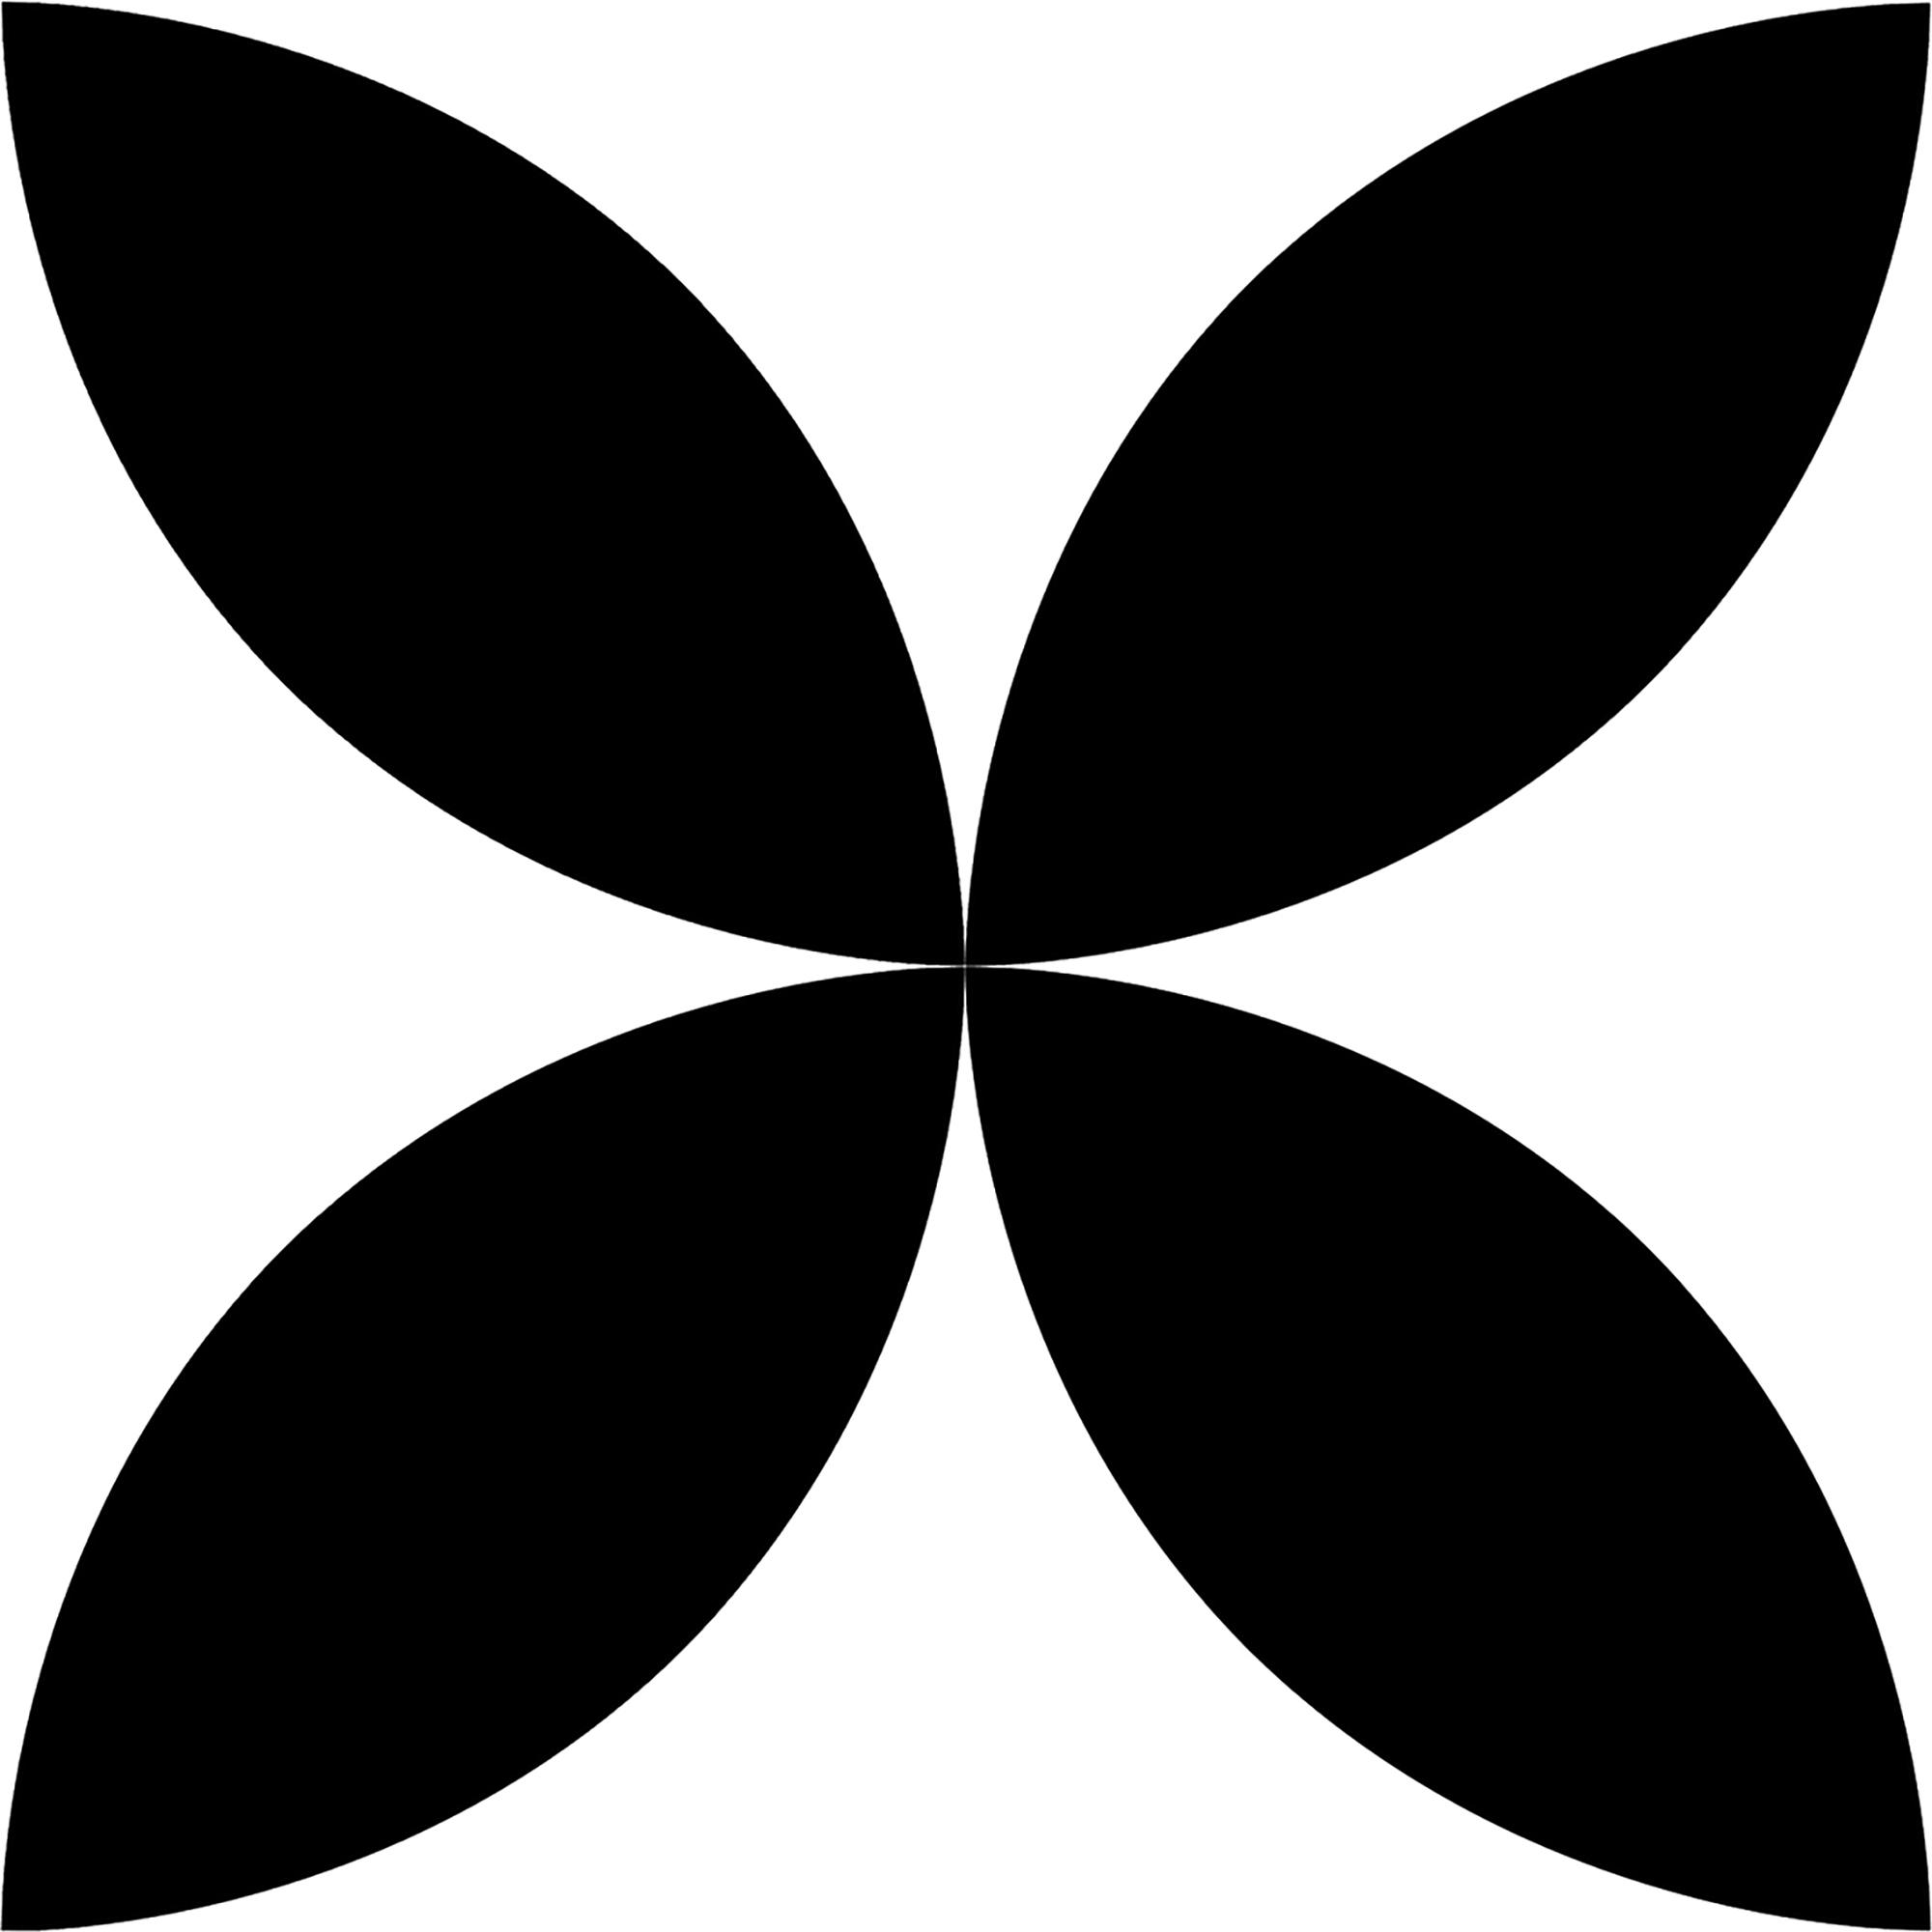 K94845000001VTE0, Retromix, Valkoinen, lattia,pakkasenkesto,uimahalli